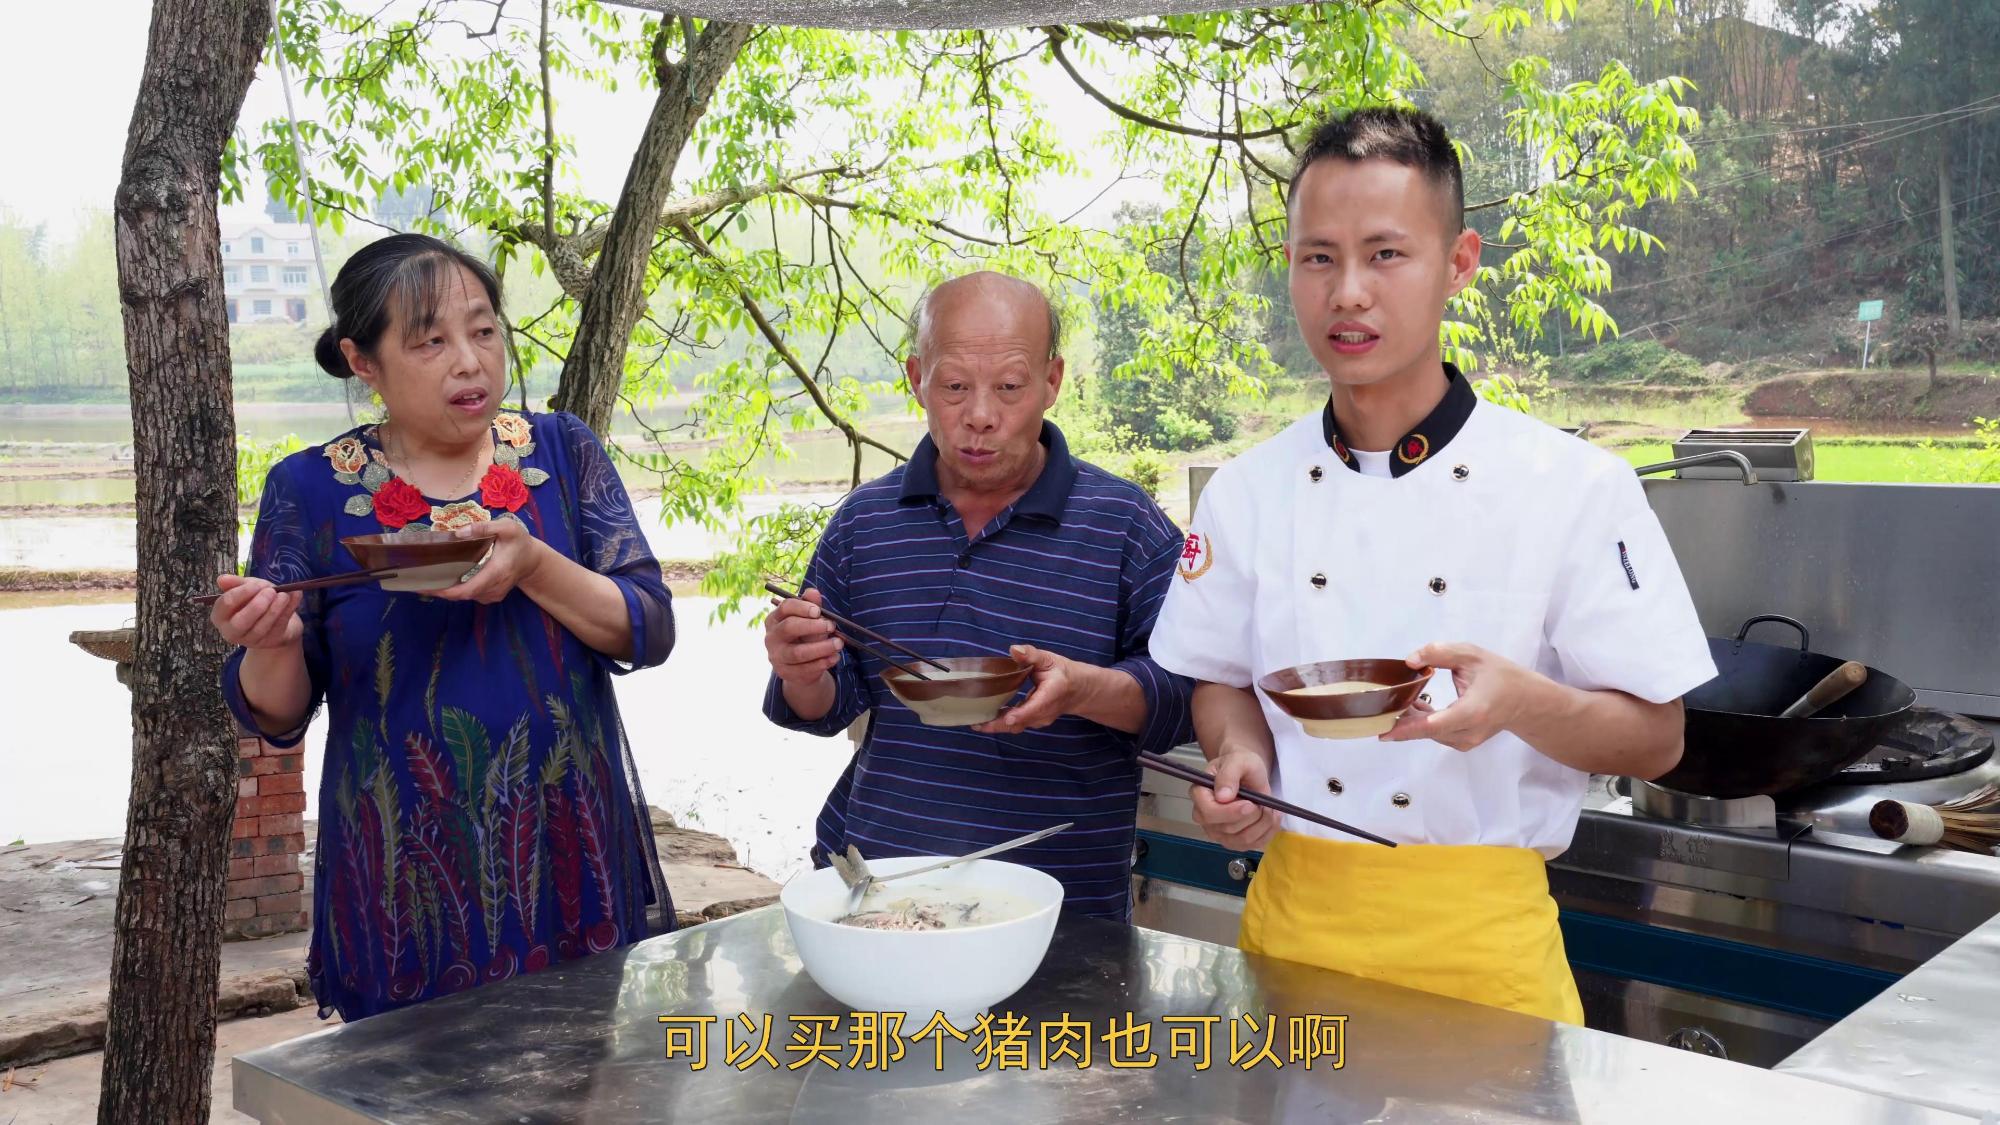 """厨师长教你:""""鱼羊汤""""的家常做法,营养丰富味道很赞,先收藏了"""